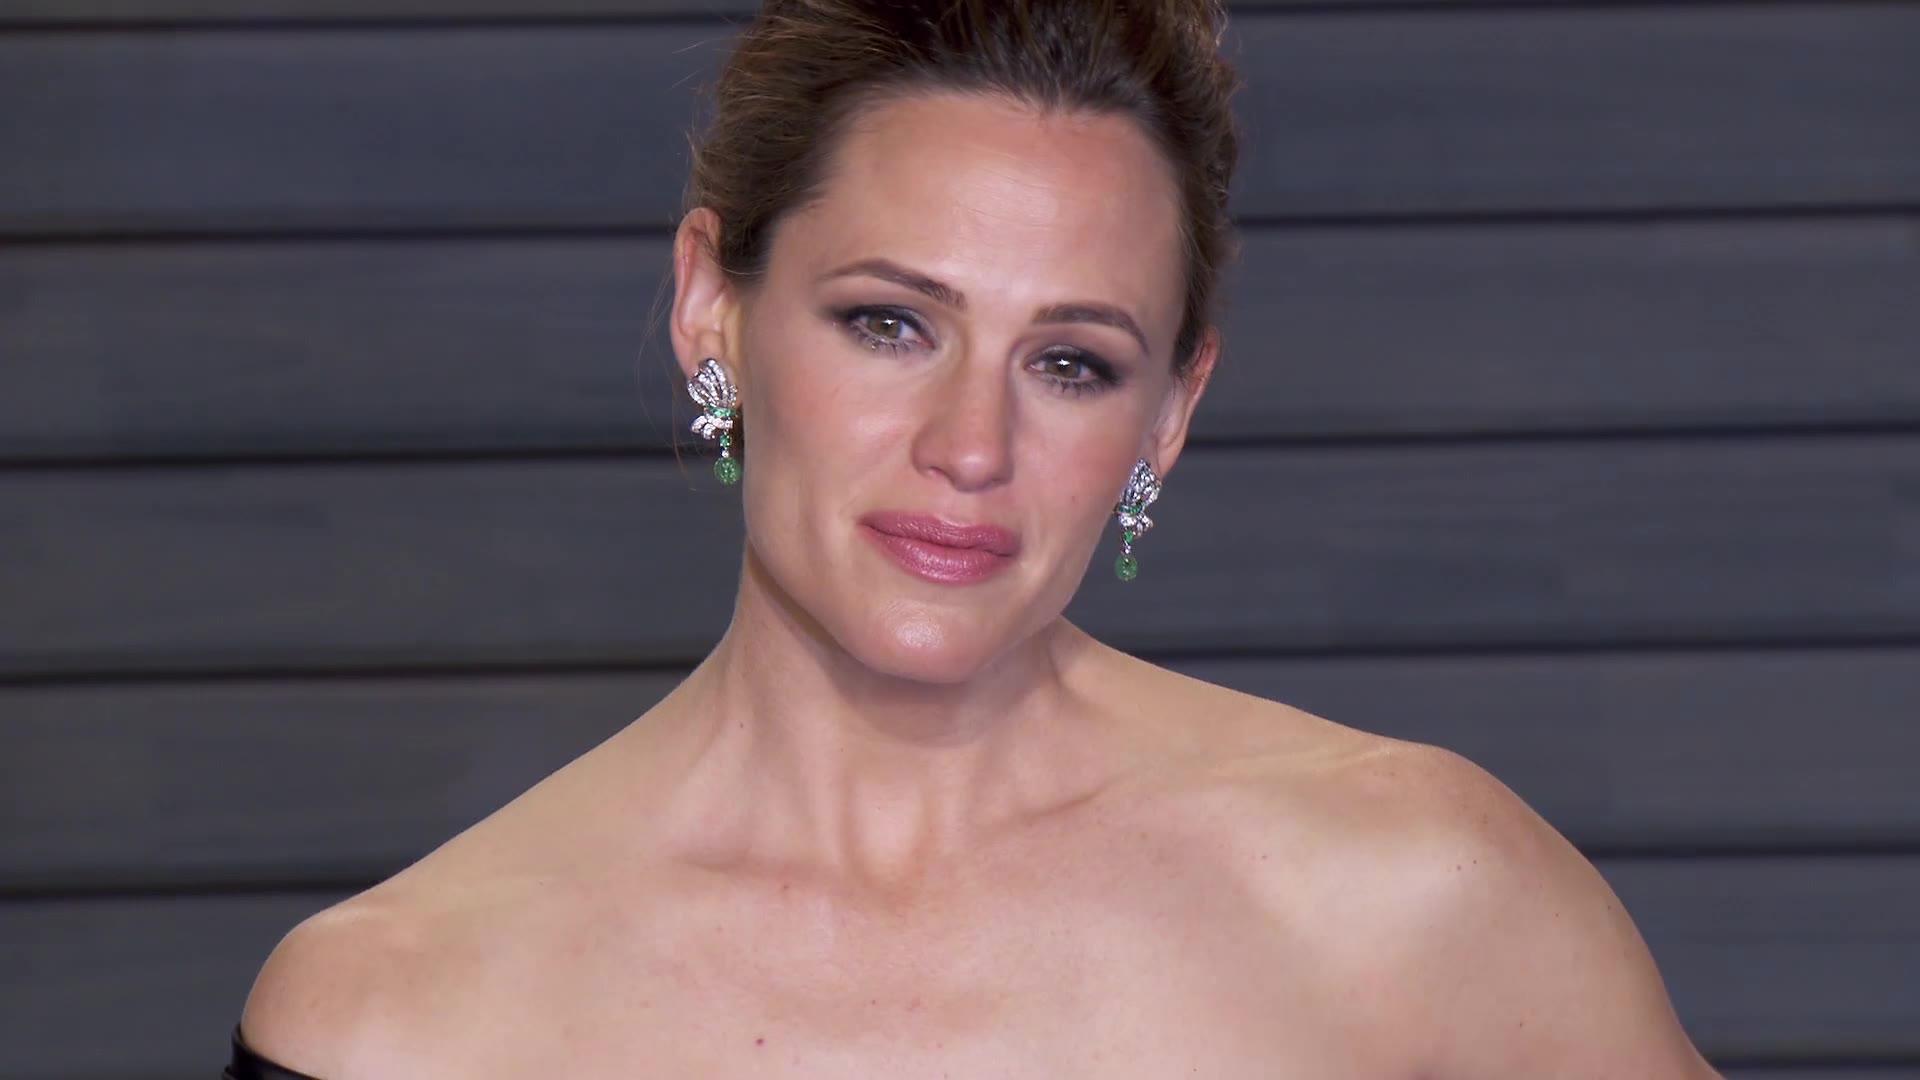 Jennifer Garner and Ben Affleck At the Same Oscars Afterparty